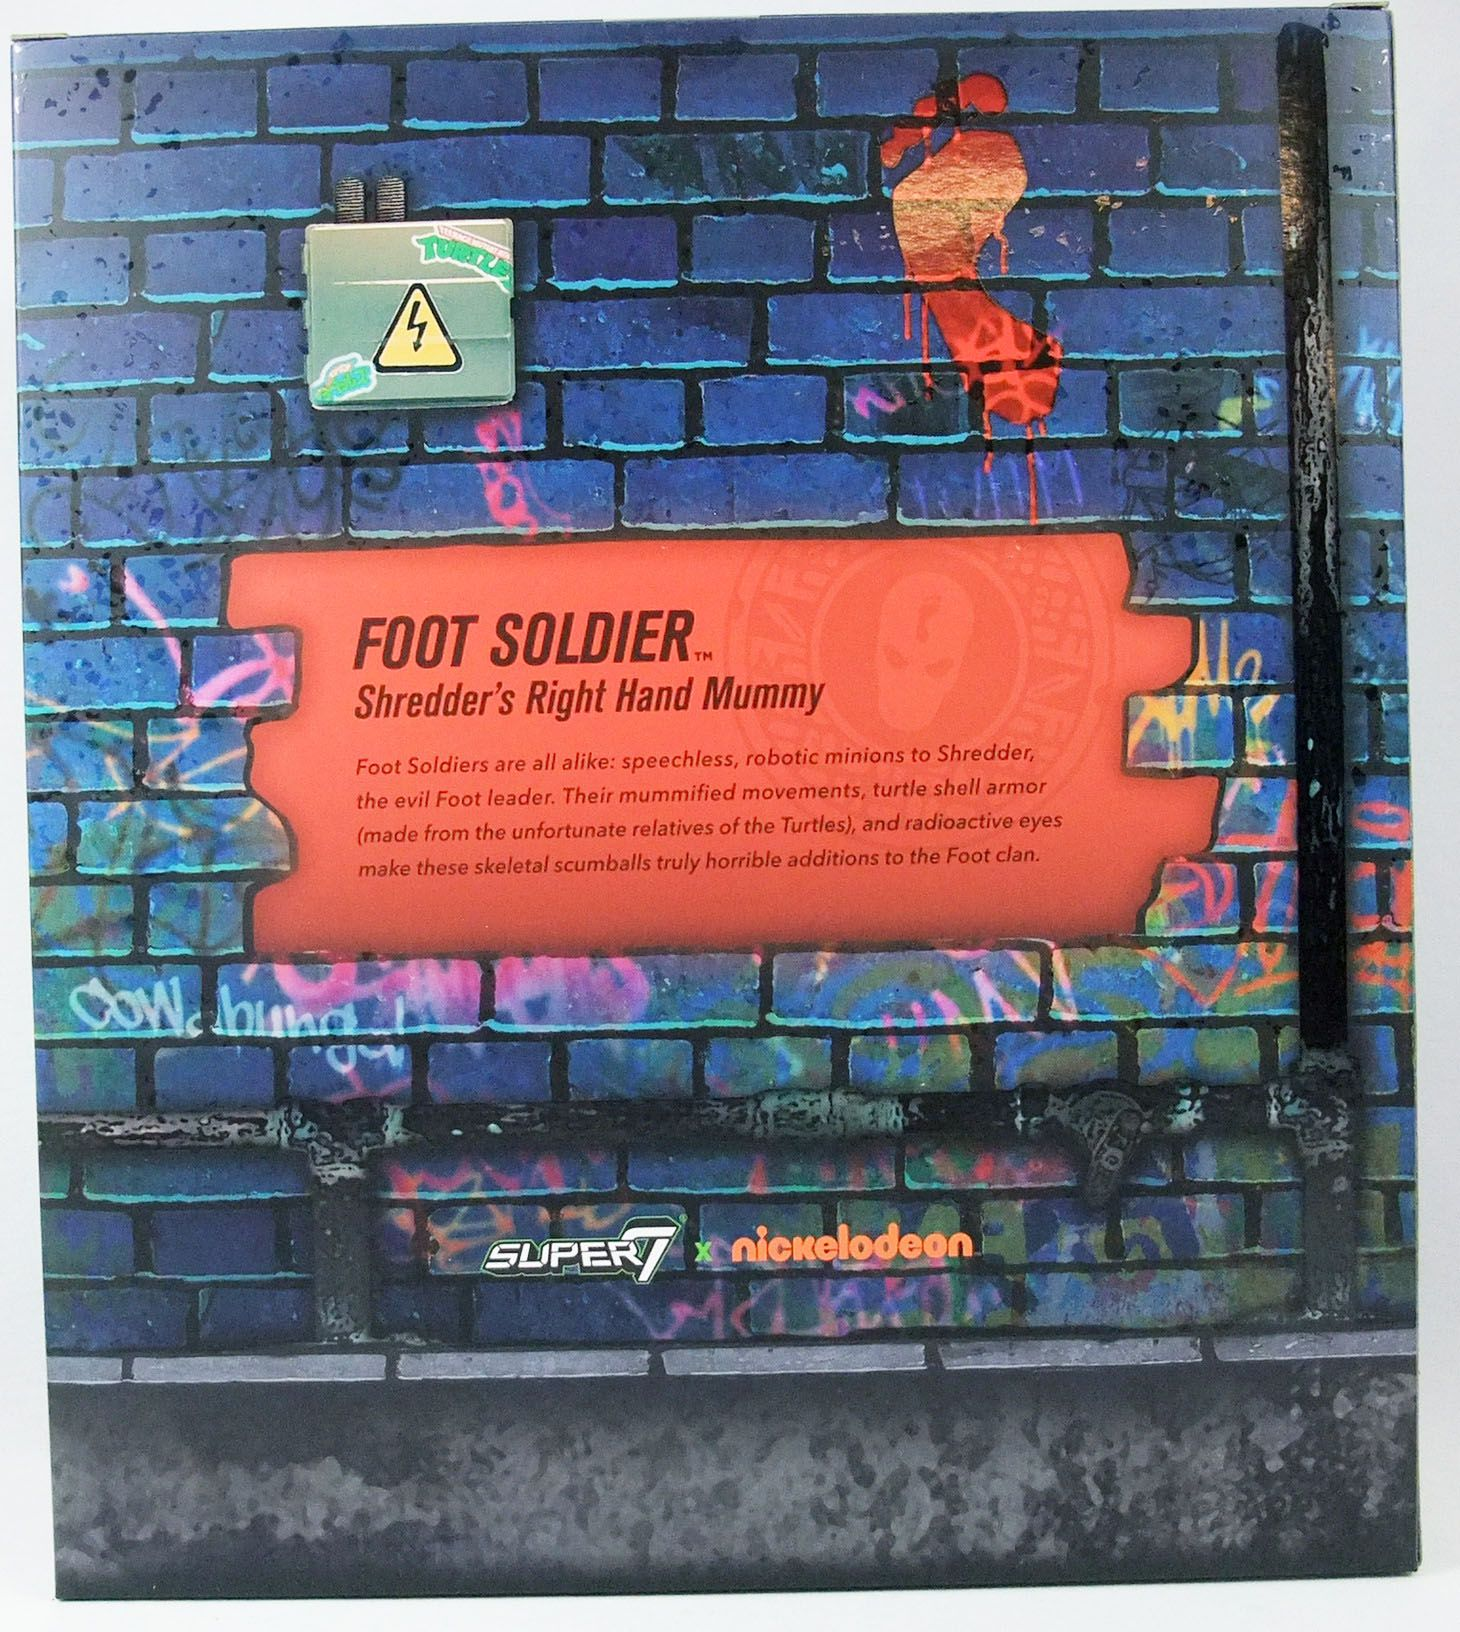 Teenage Mutant Ninja Turtles - Super7 Ultimates Figures - Foot Soldier